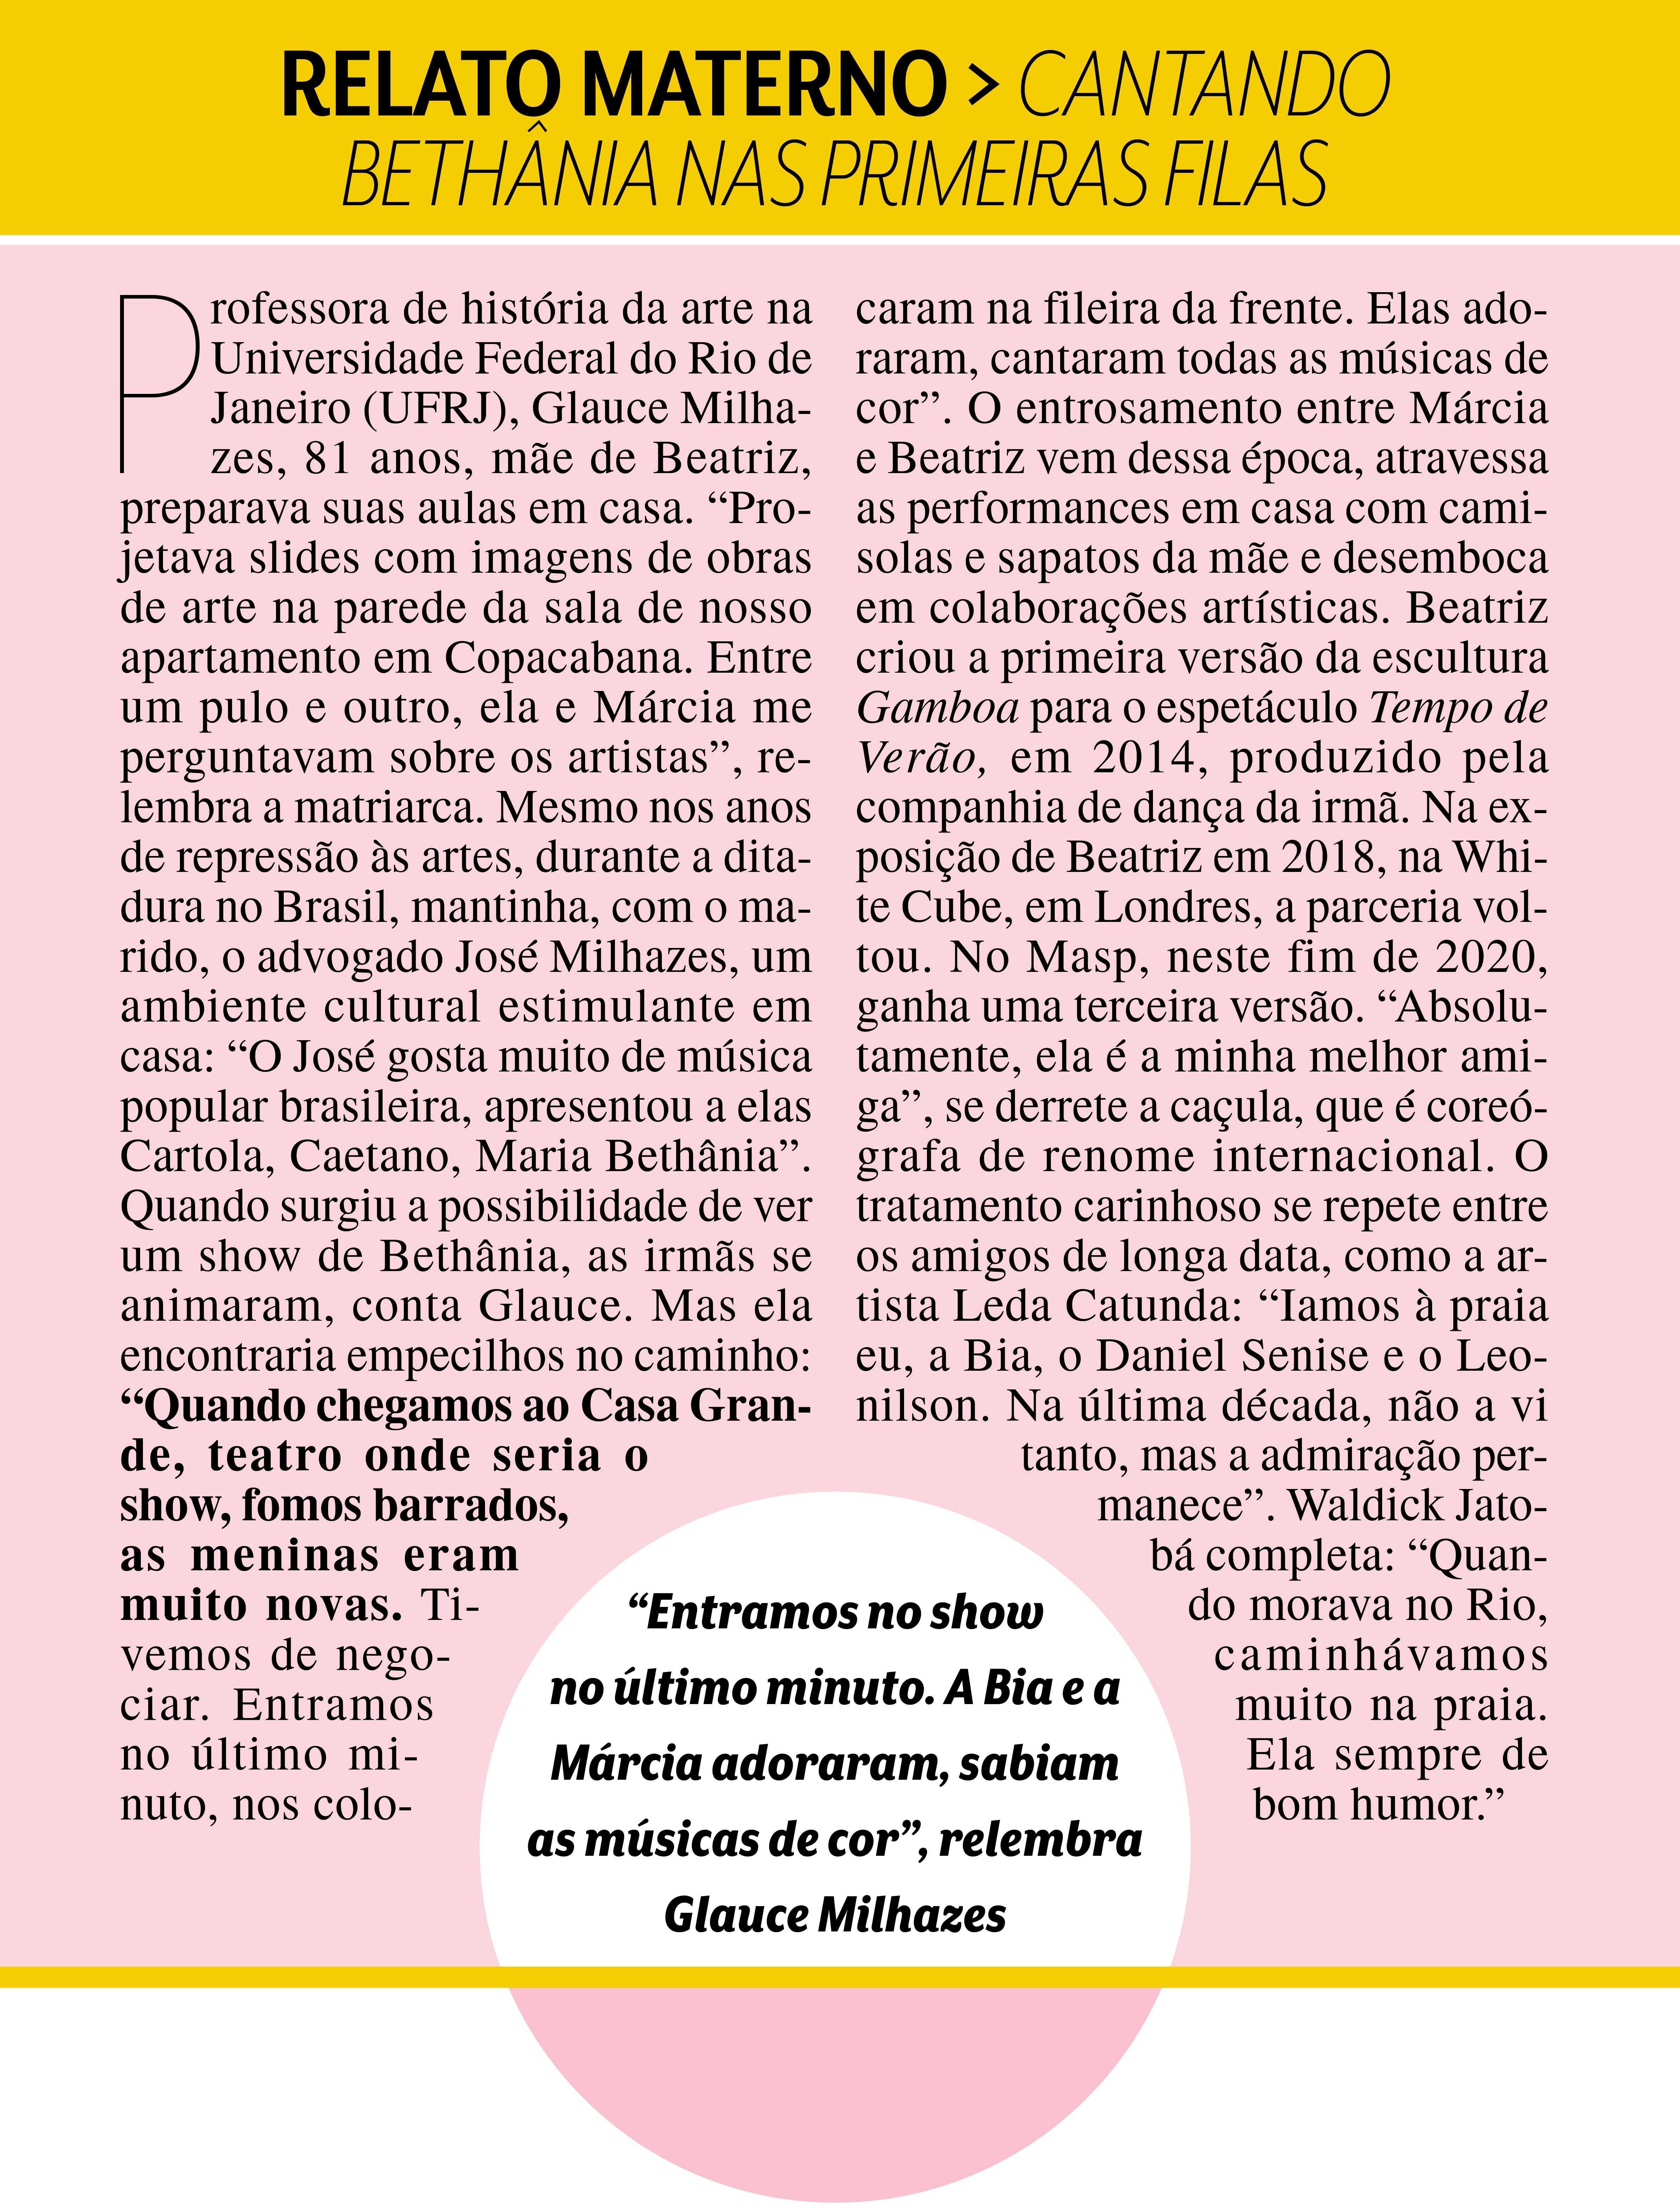 Relato materno: depoimento da mãe de Beatriz, Glaucia Milhazes, de 81 anos